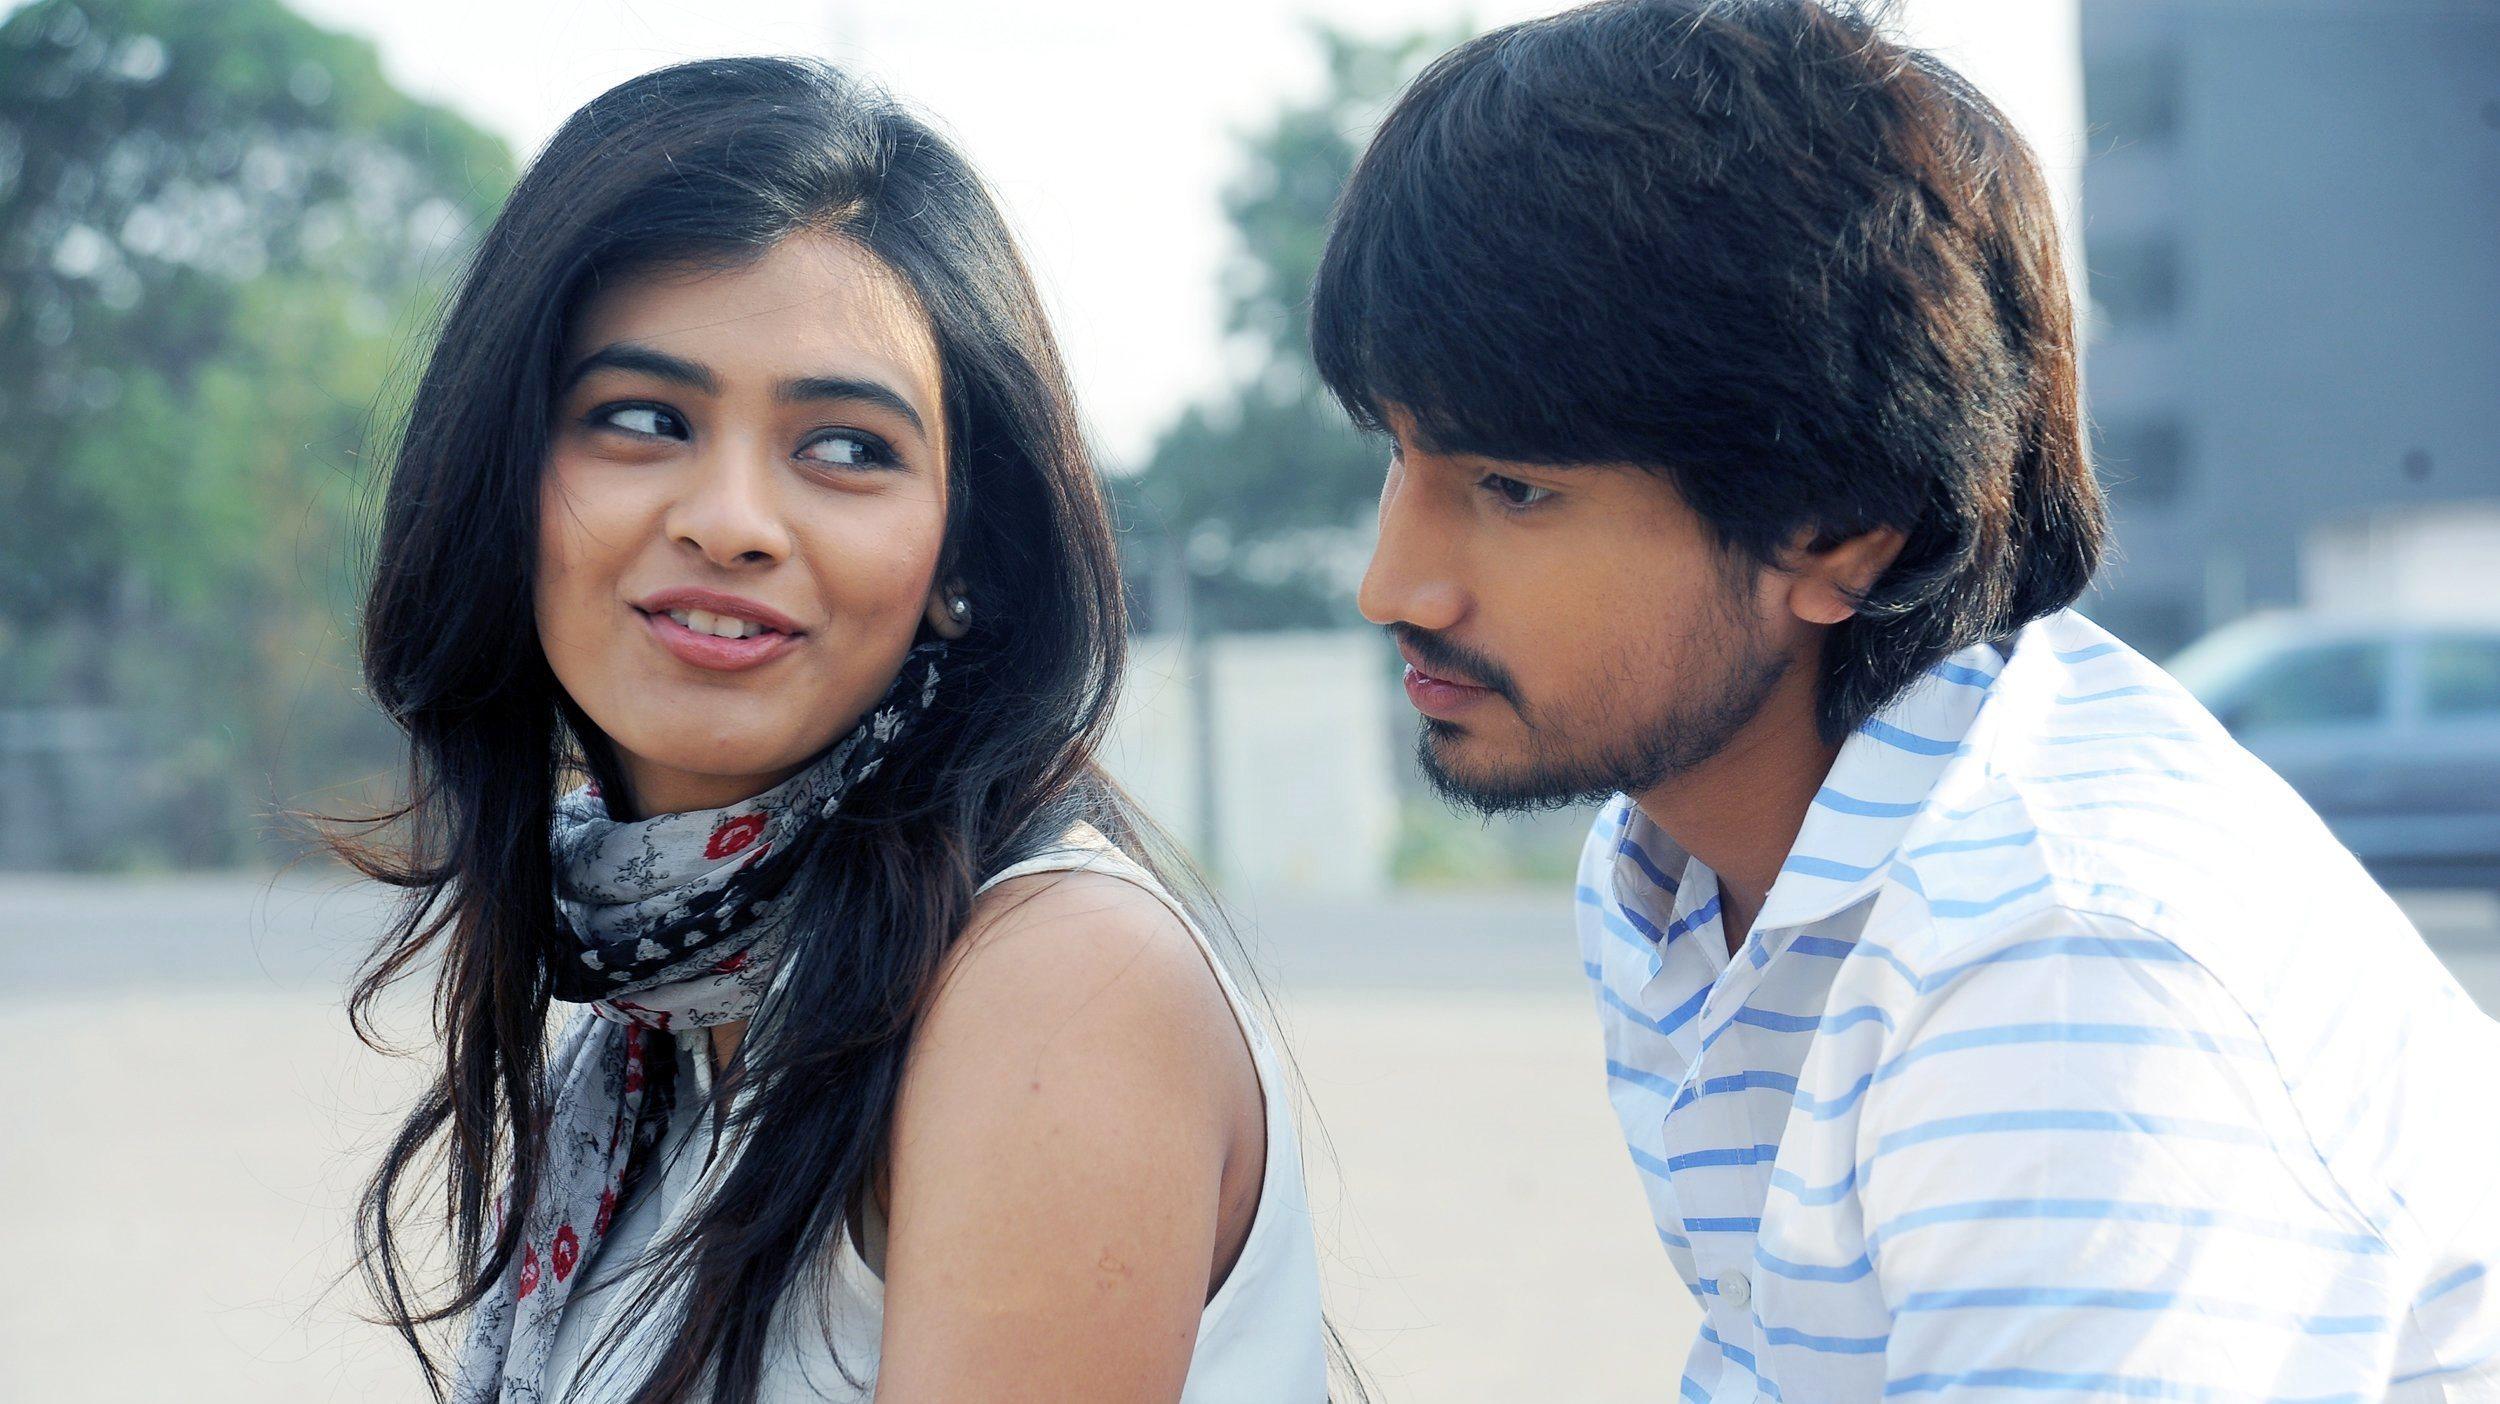 Kumari 21f hd movie free download